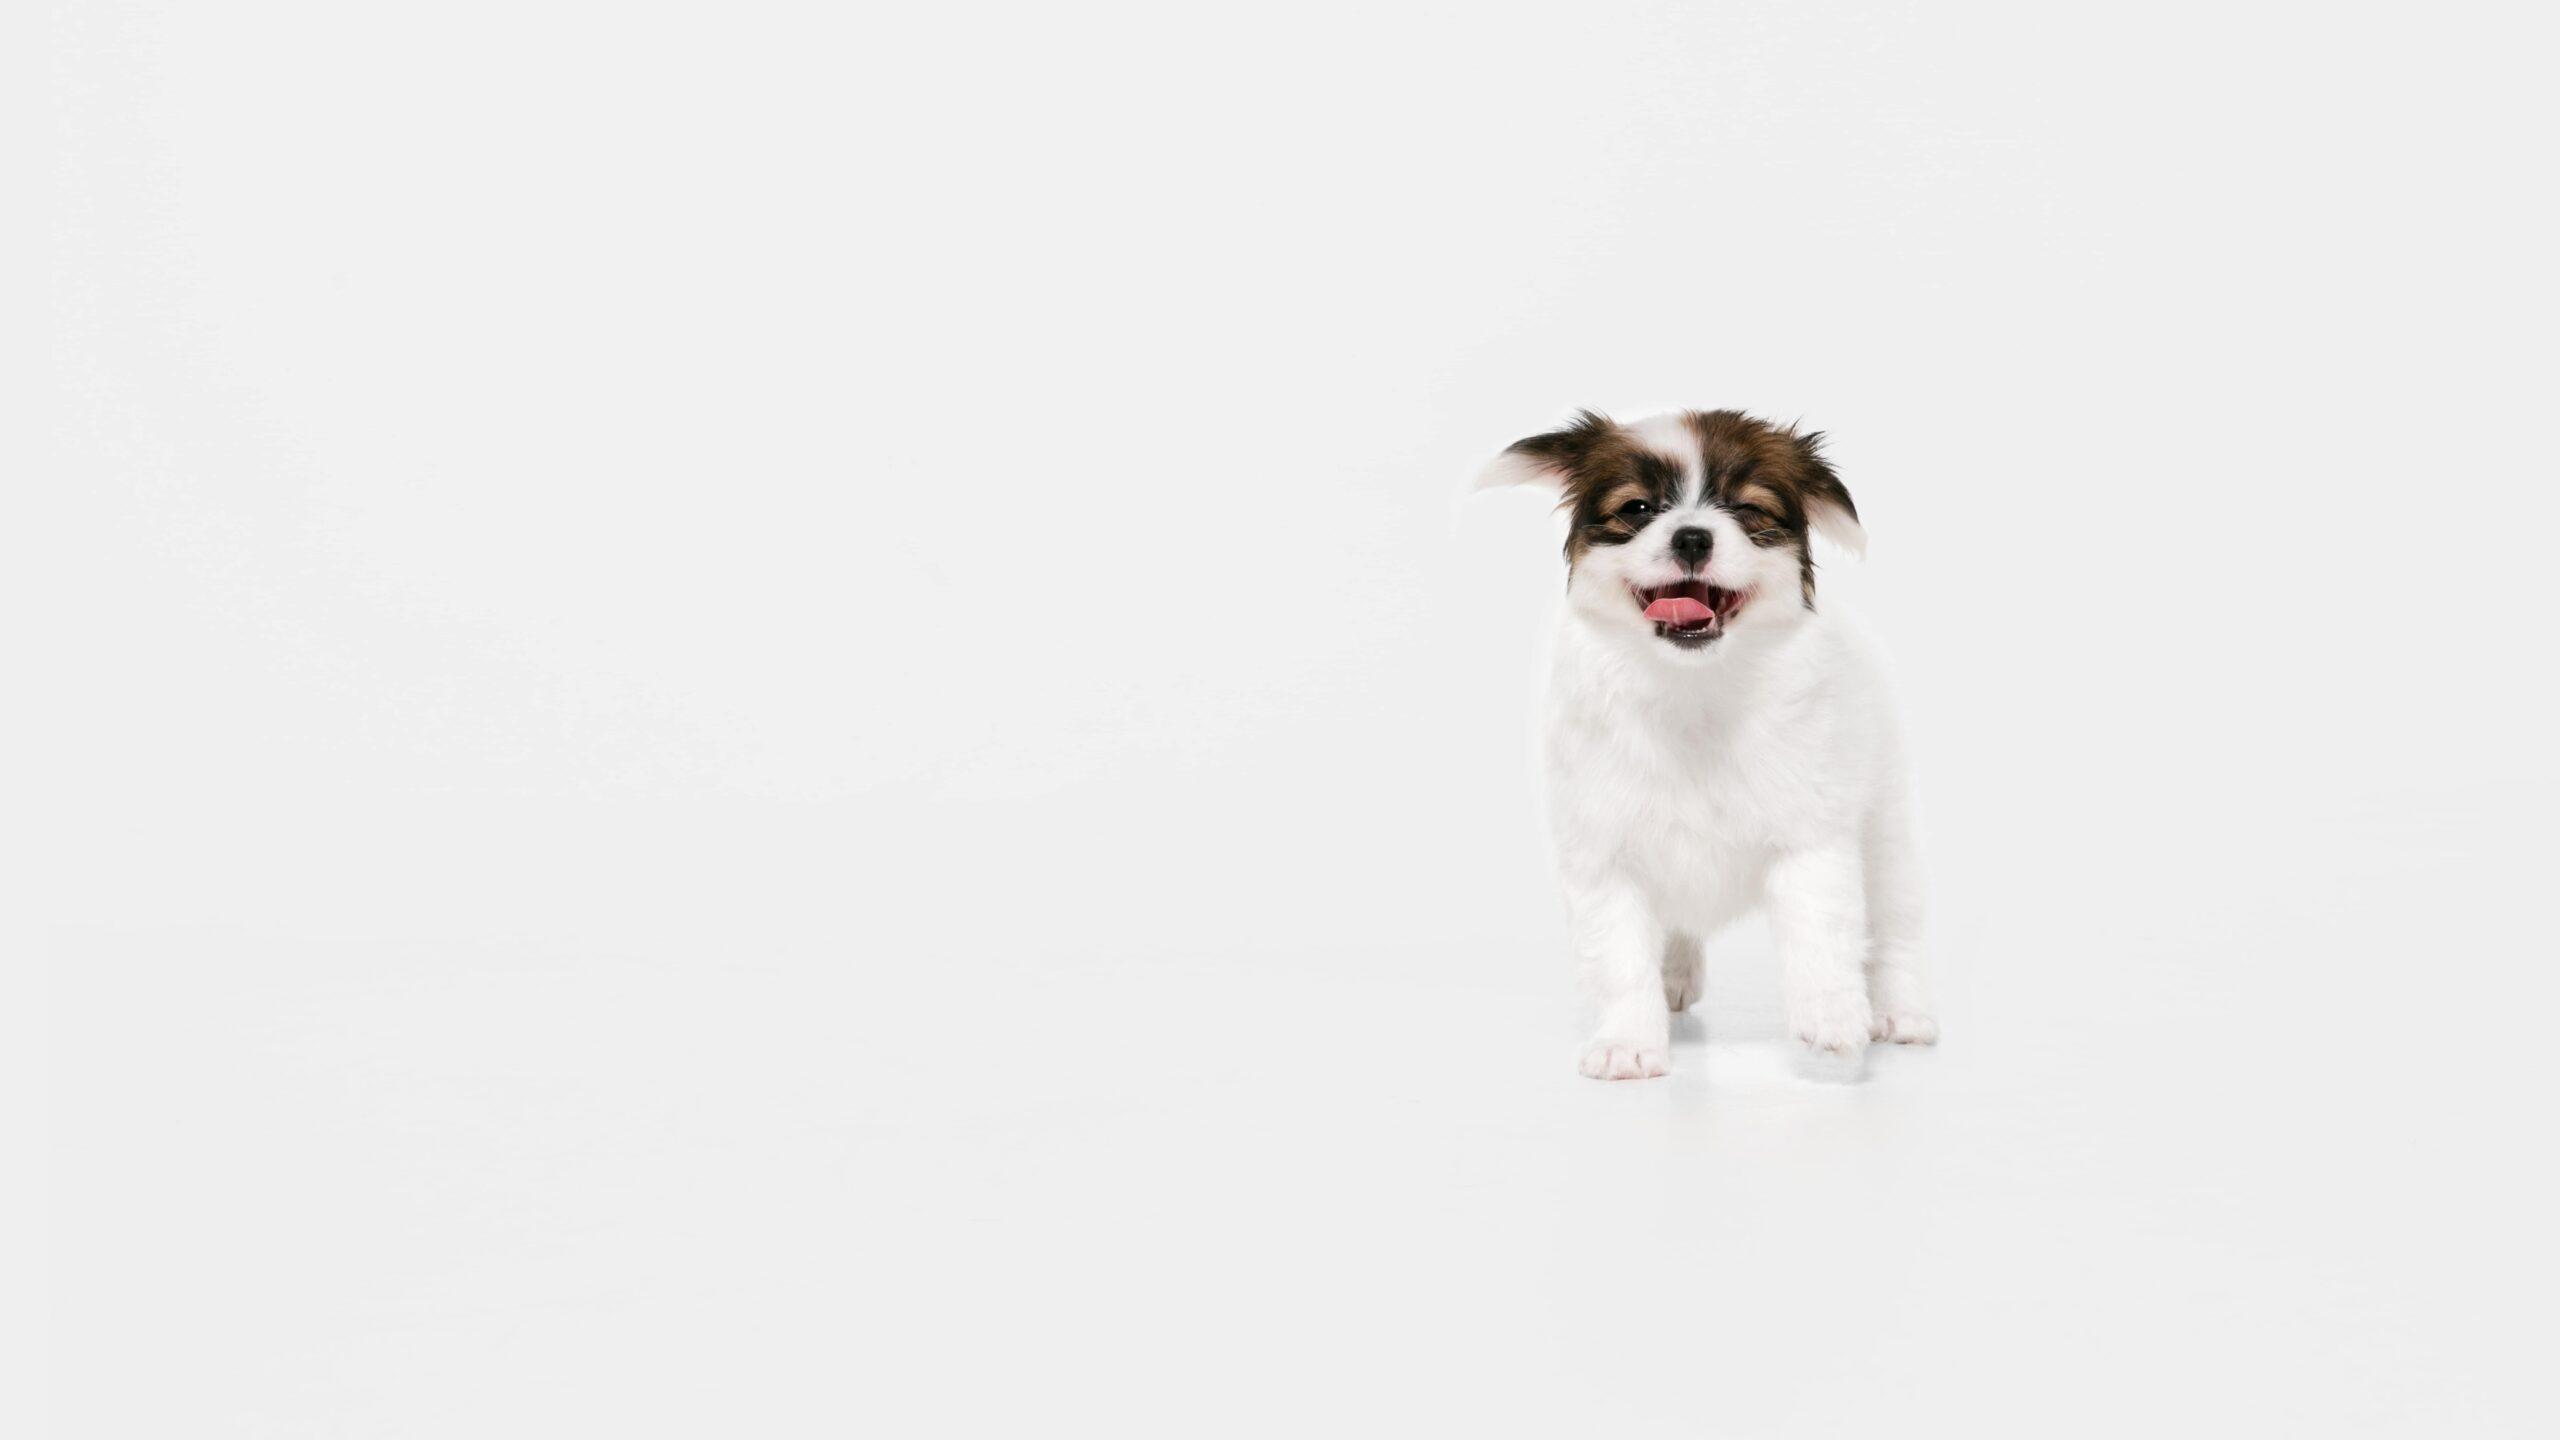 Köpeğe Süt Verilir mi? Köpekler Sütten Rahatsız Olur mu?